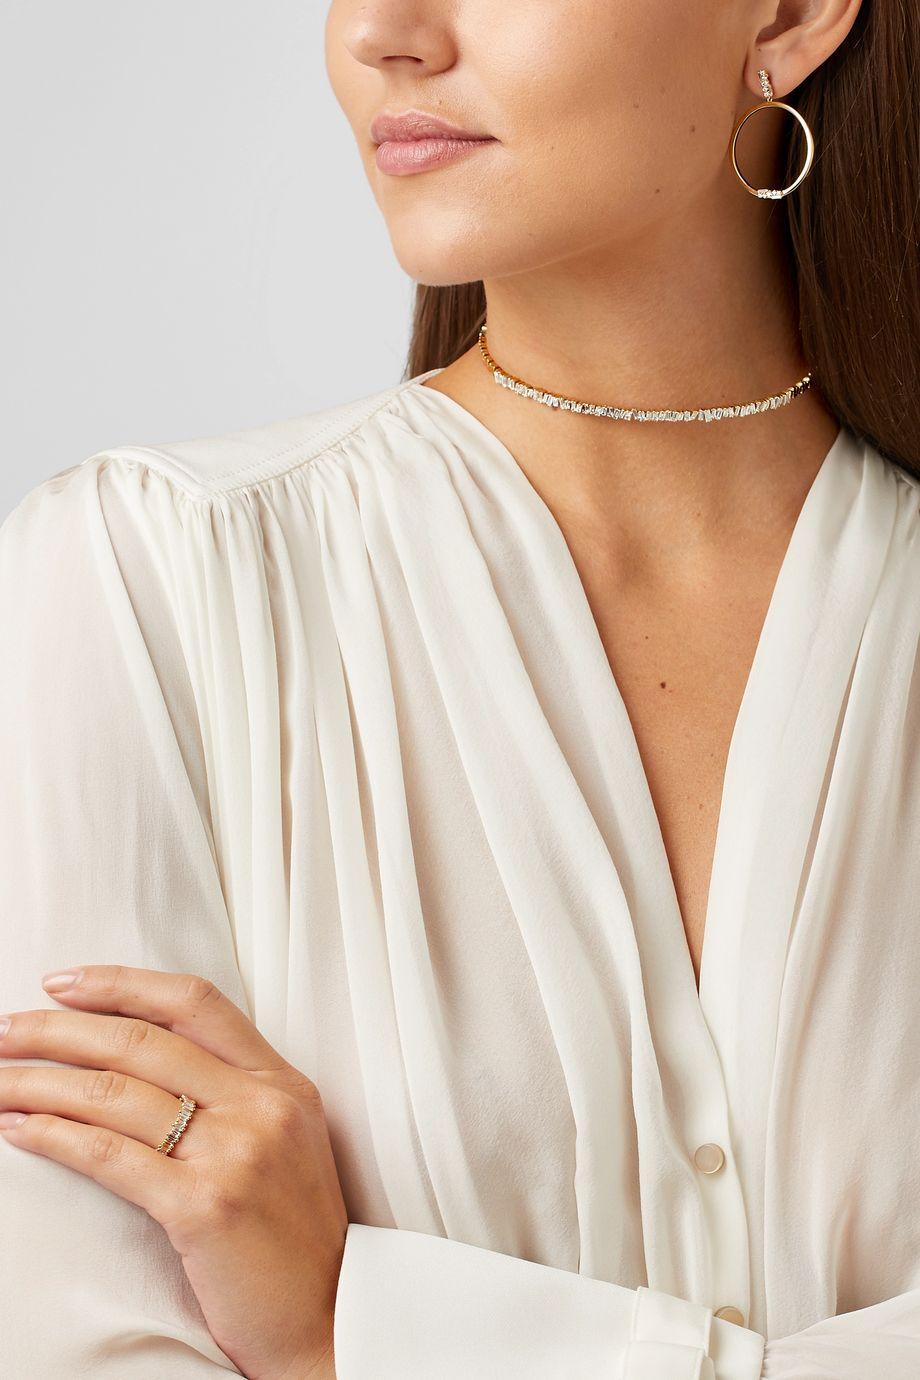 Suzanne Kalan Tour de cou en or 18 carats et diamants